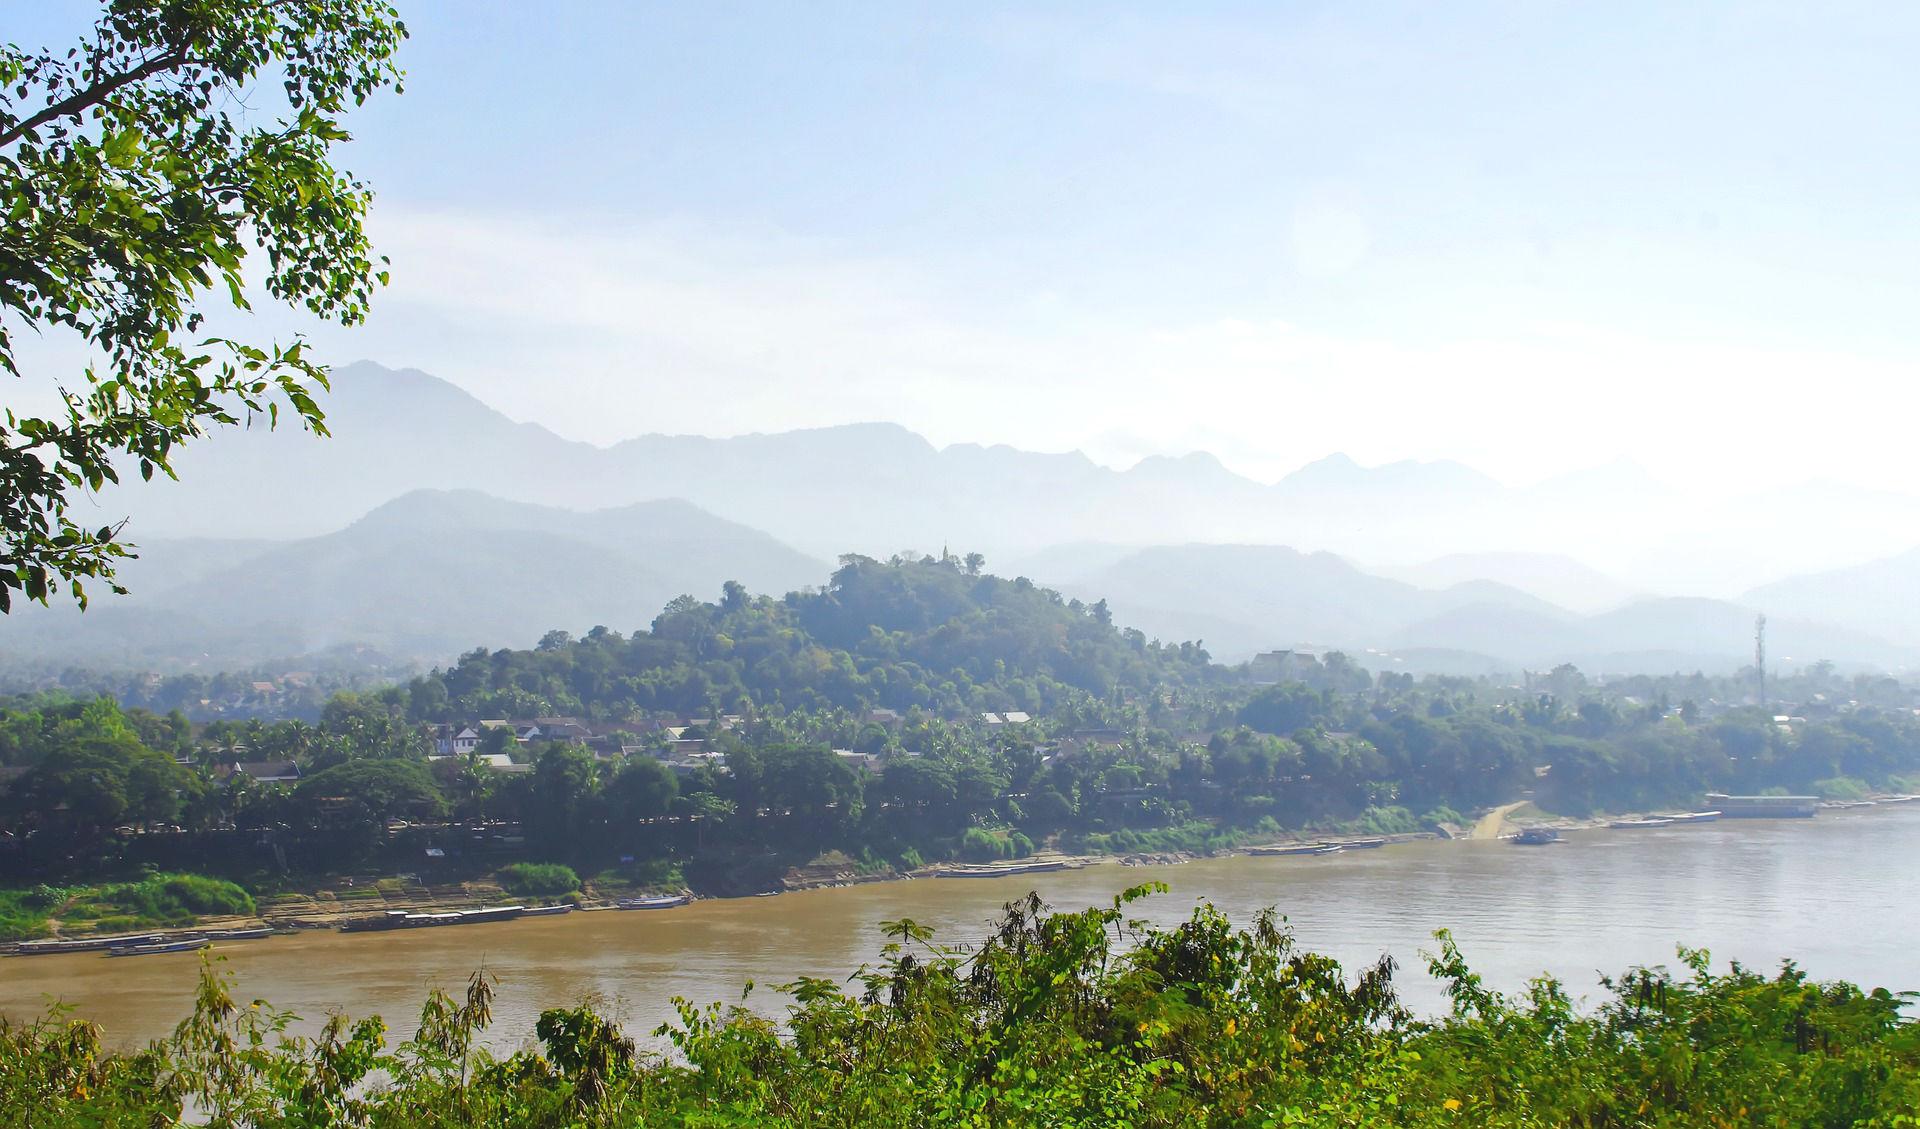 Der Strom Mekong durch Südostasien